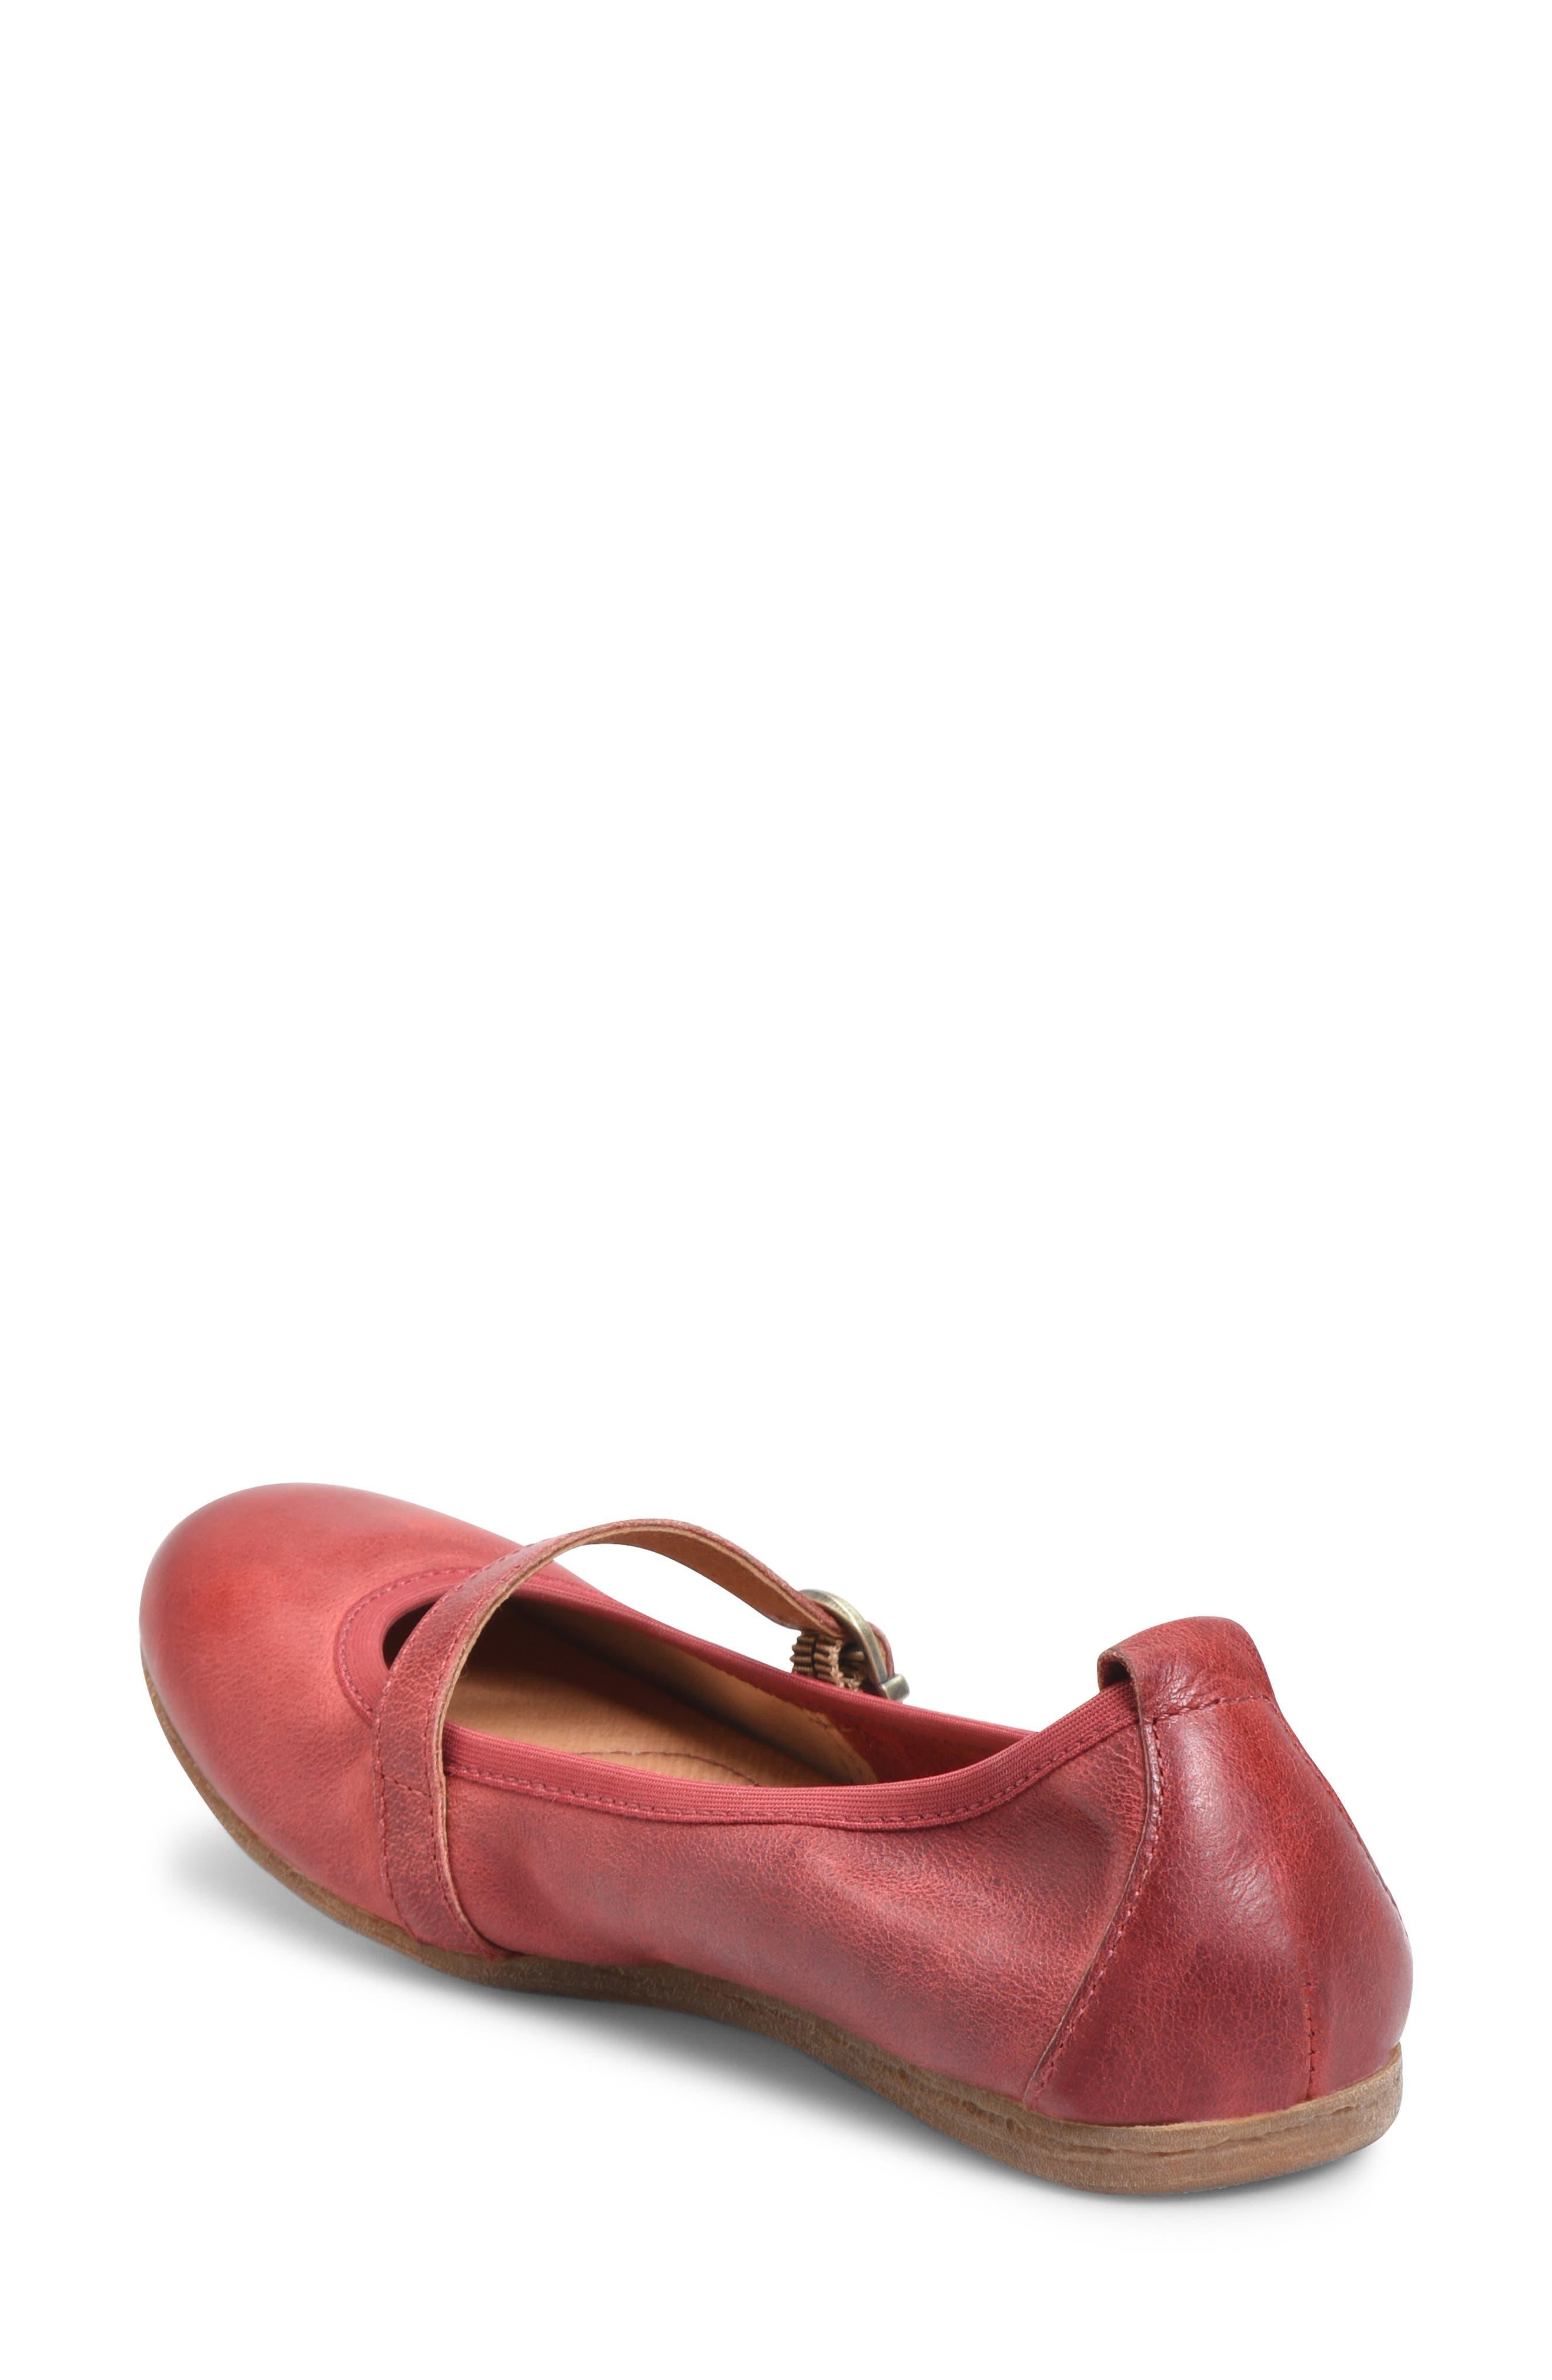 fbe62d7c869 Børn Ballet Flats for Women